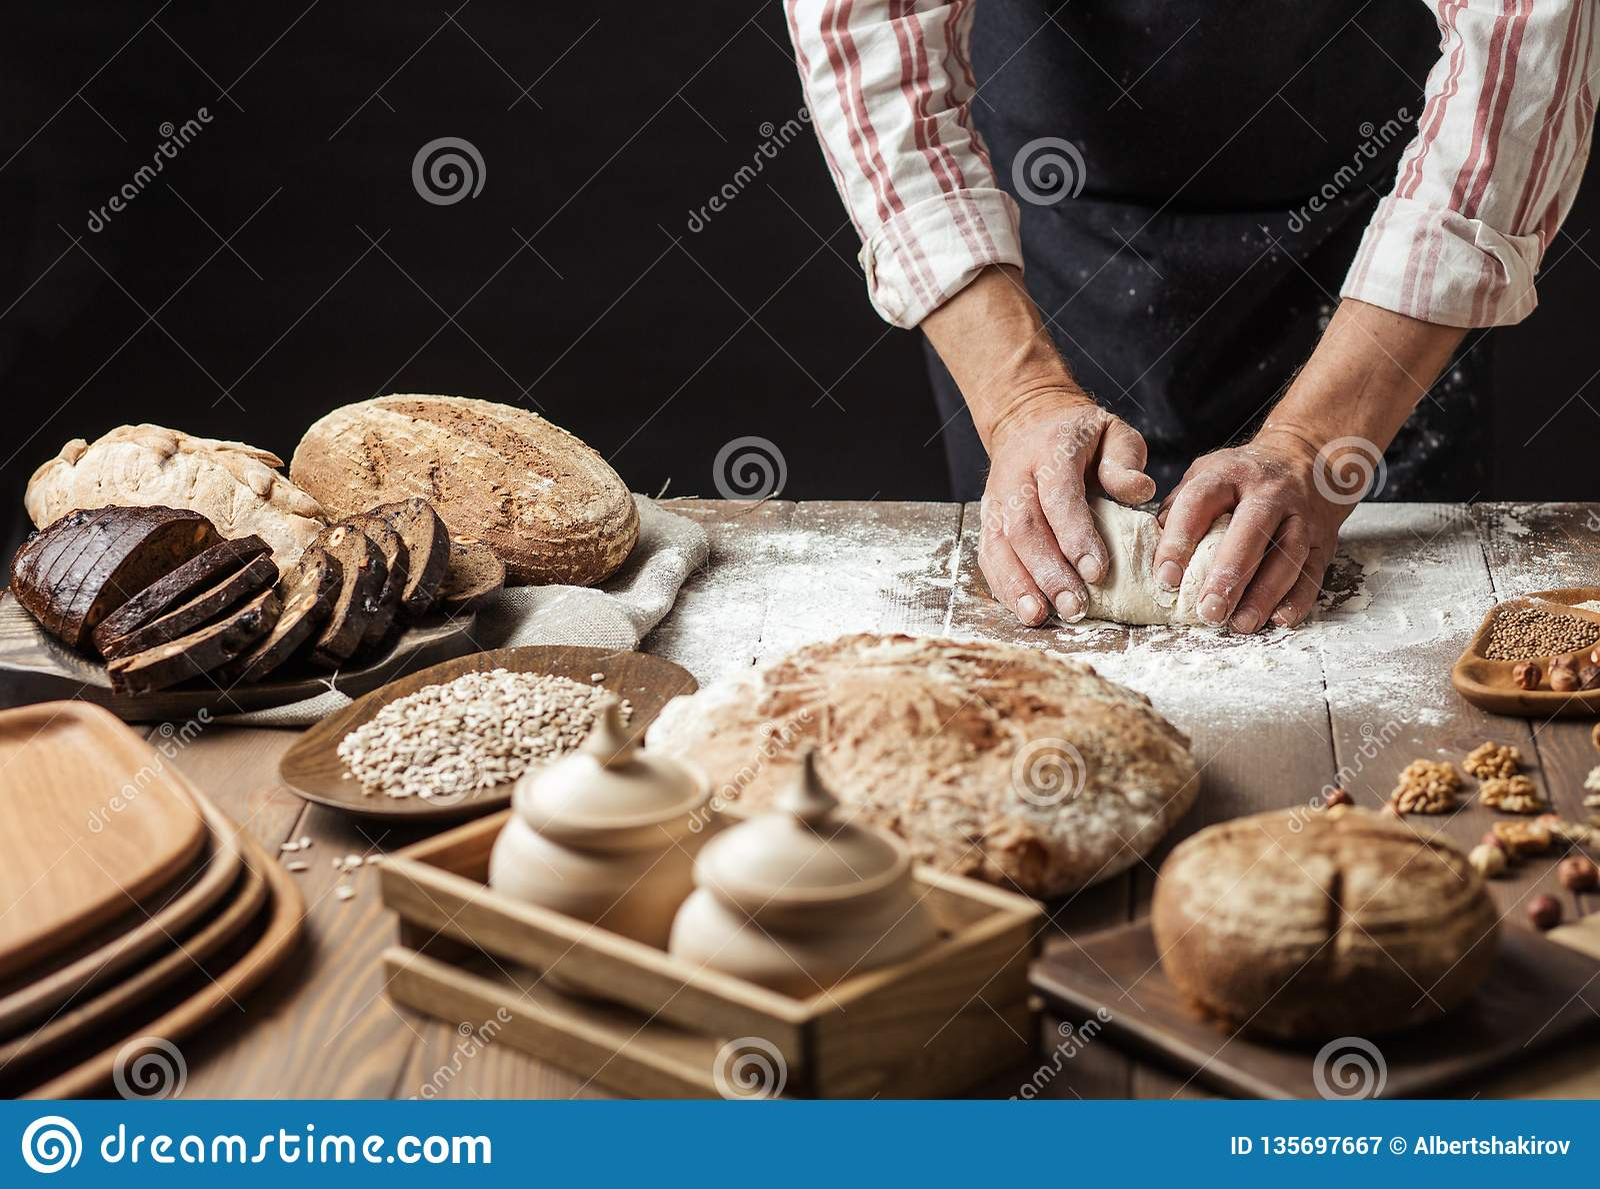 关闭揉面团和做与一根滚针的面包师手面包